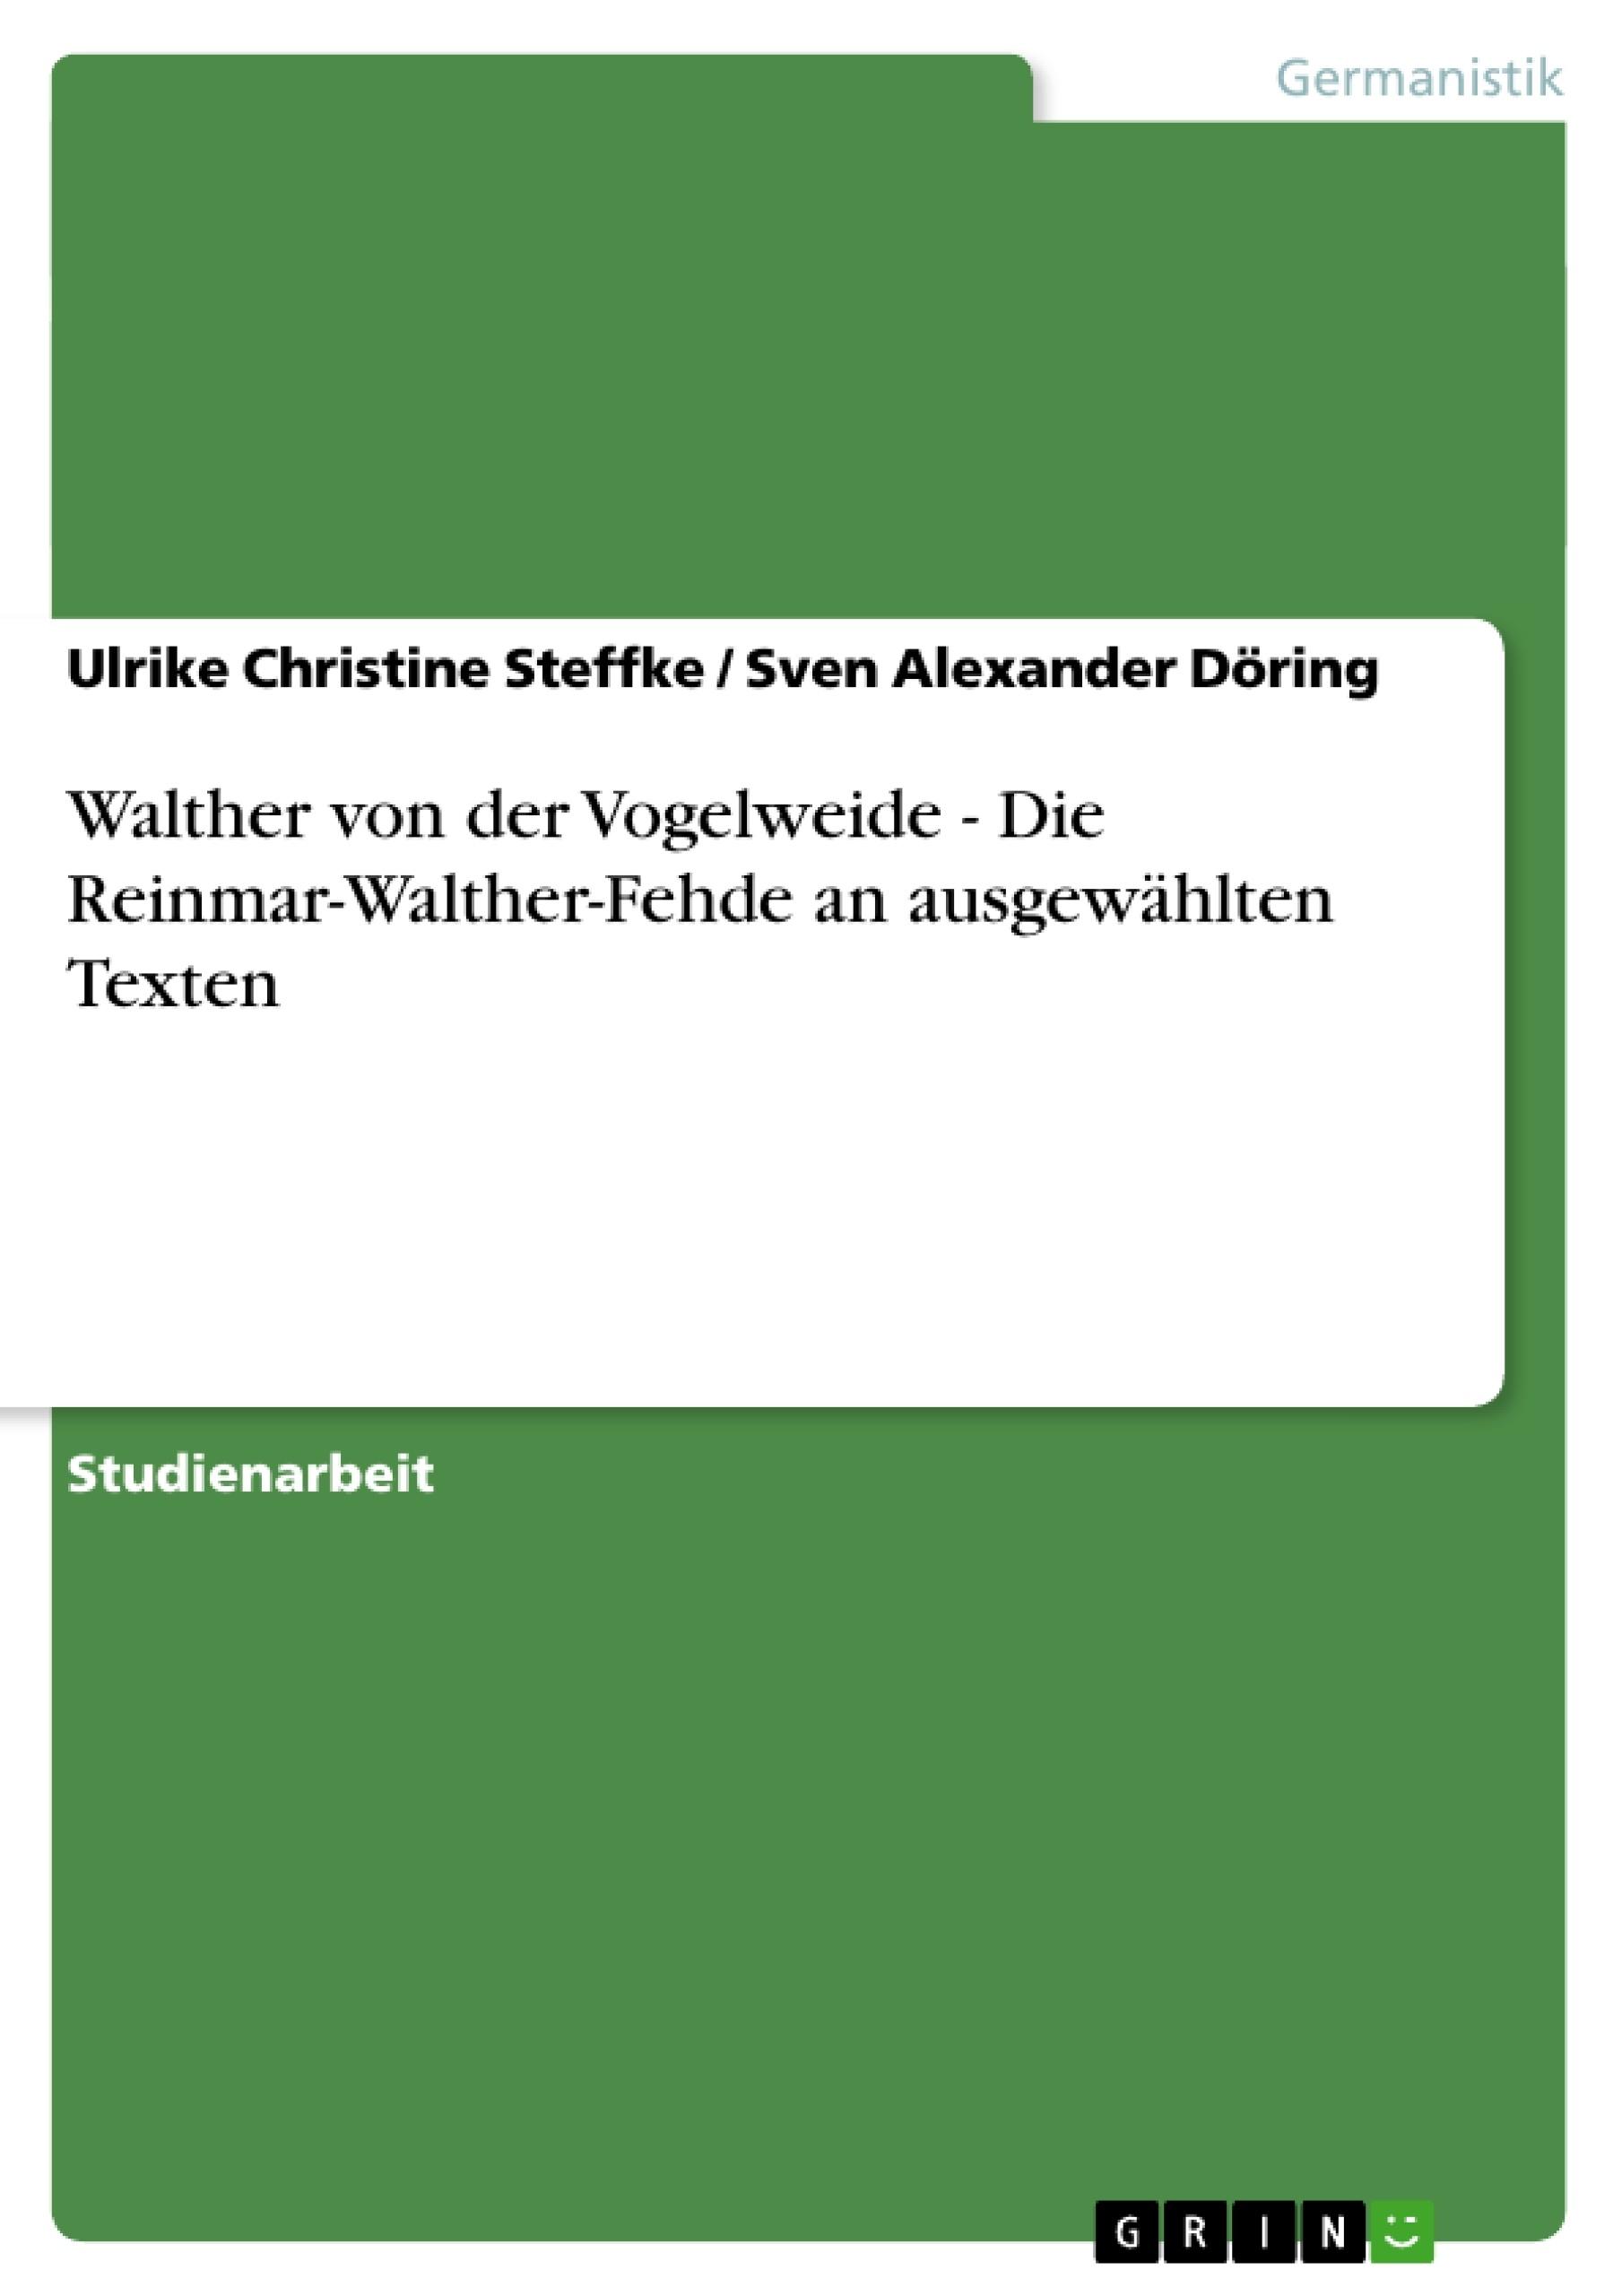 Titel: Walther von der Vogelweide - Die Reinmar-Walther-Fehde an ausgewählten Texten